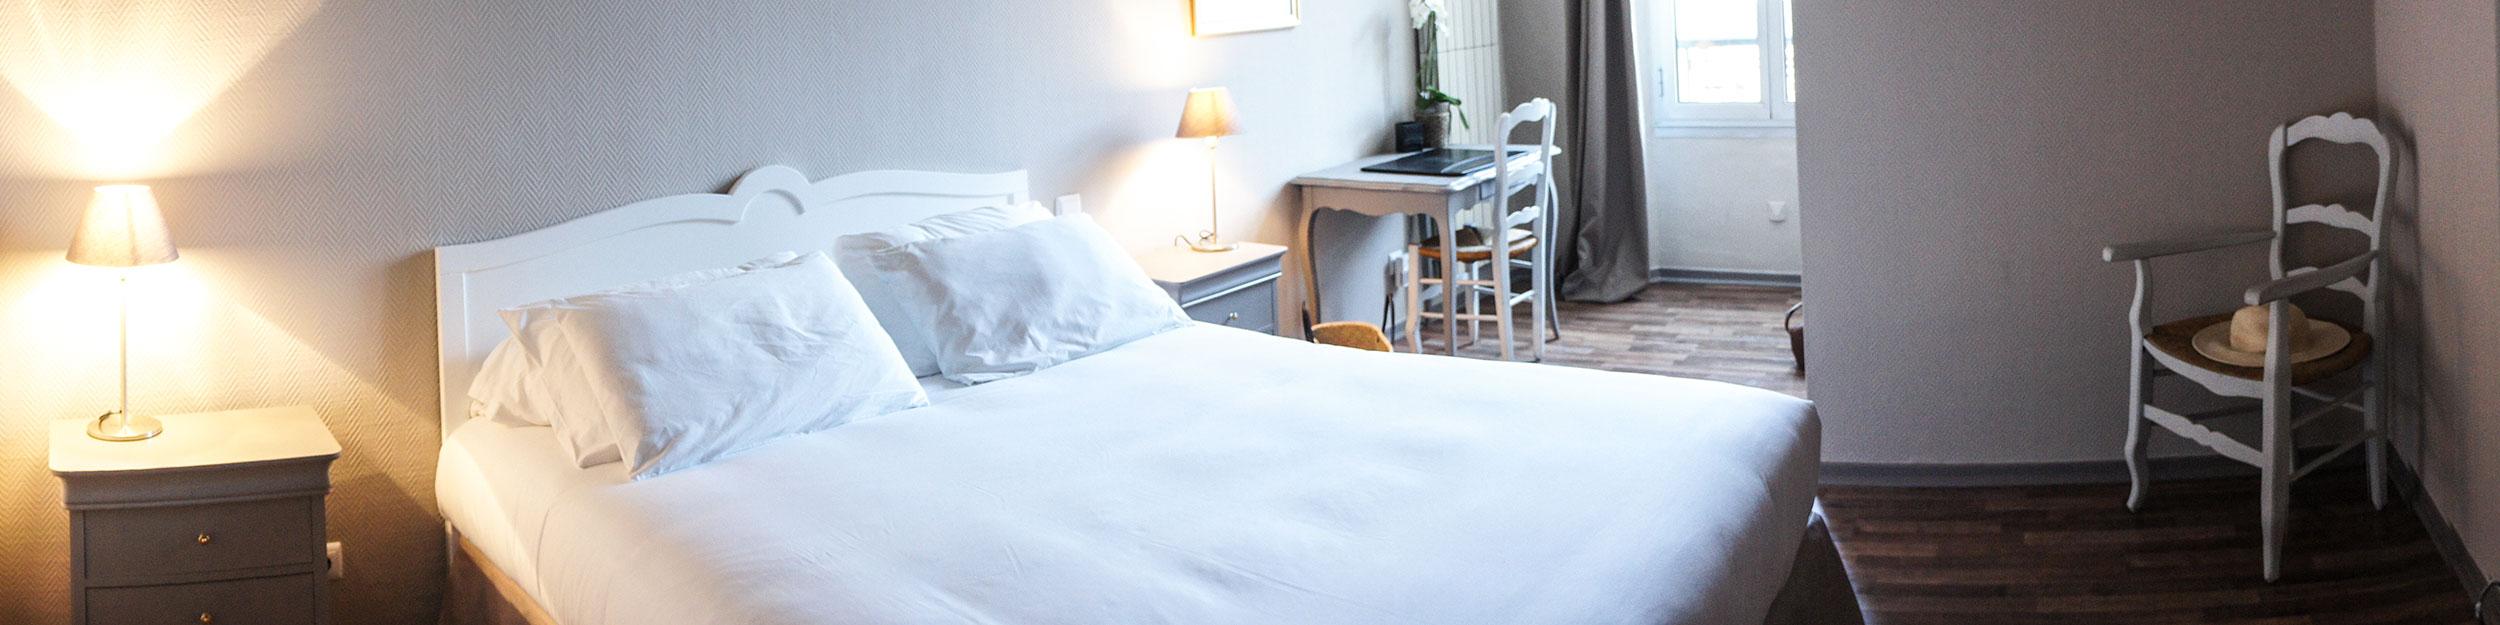 slide_hotel_1